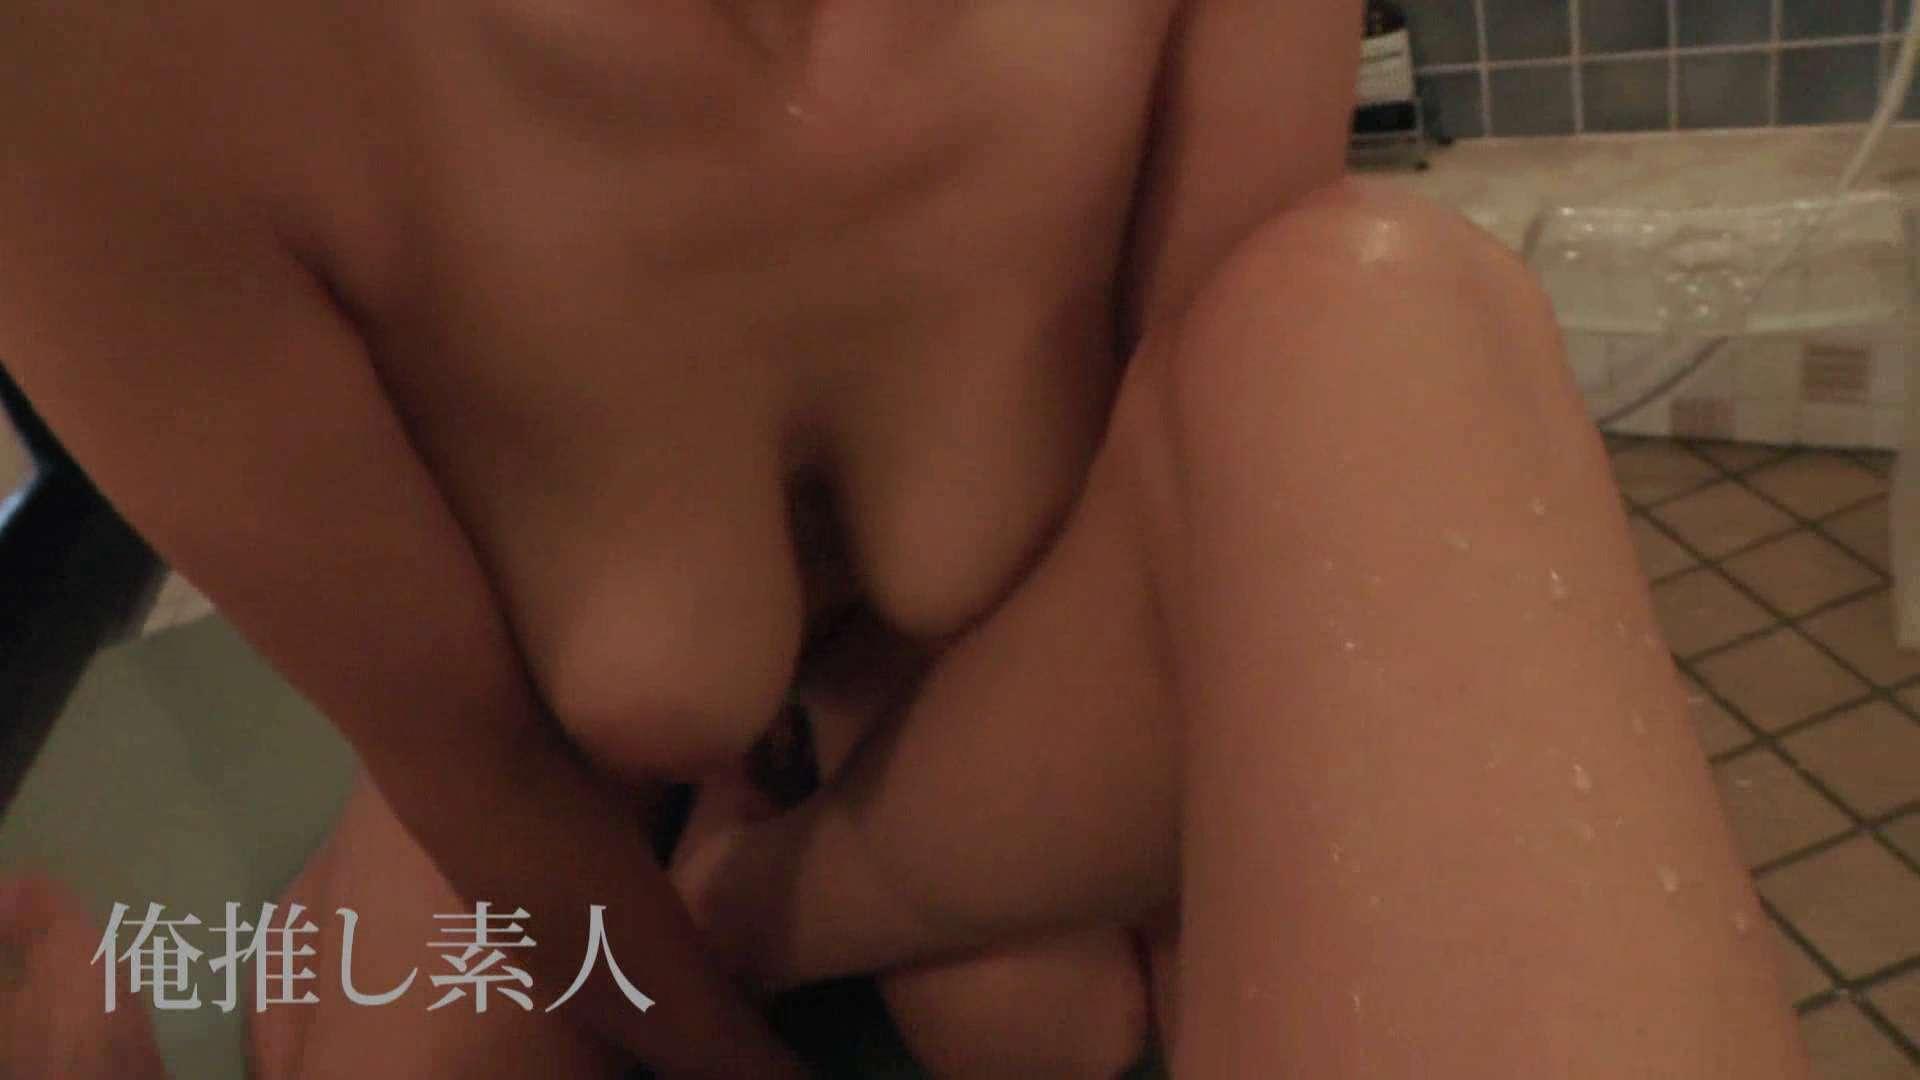 俺推し素人 30代人妻熟女キャバ嬢雫Vol.02 おっぱい   OL  66連発 44